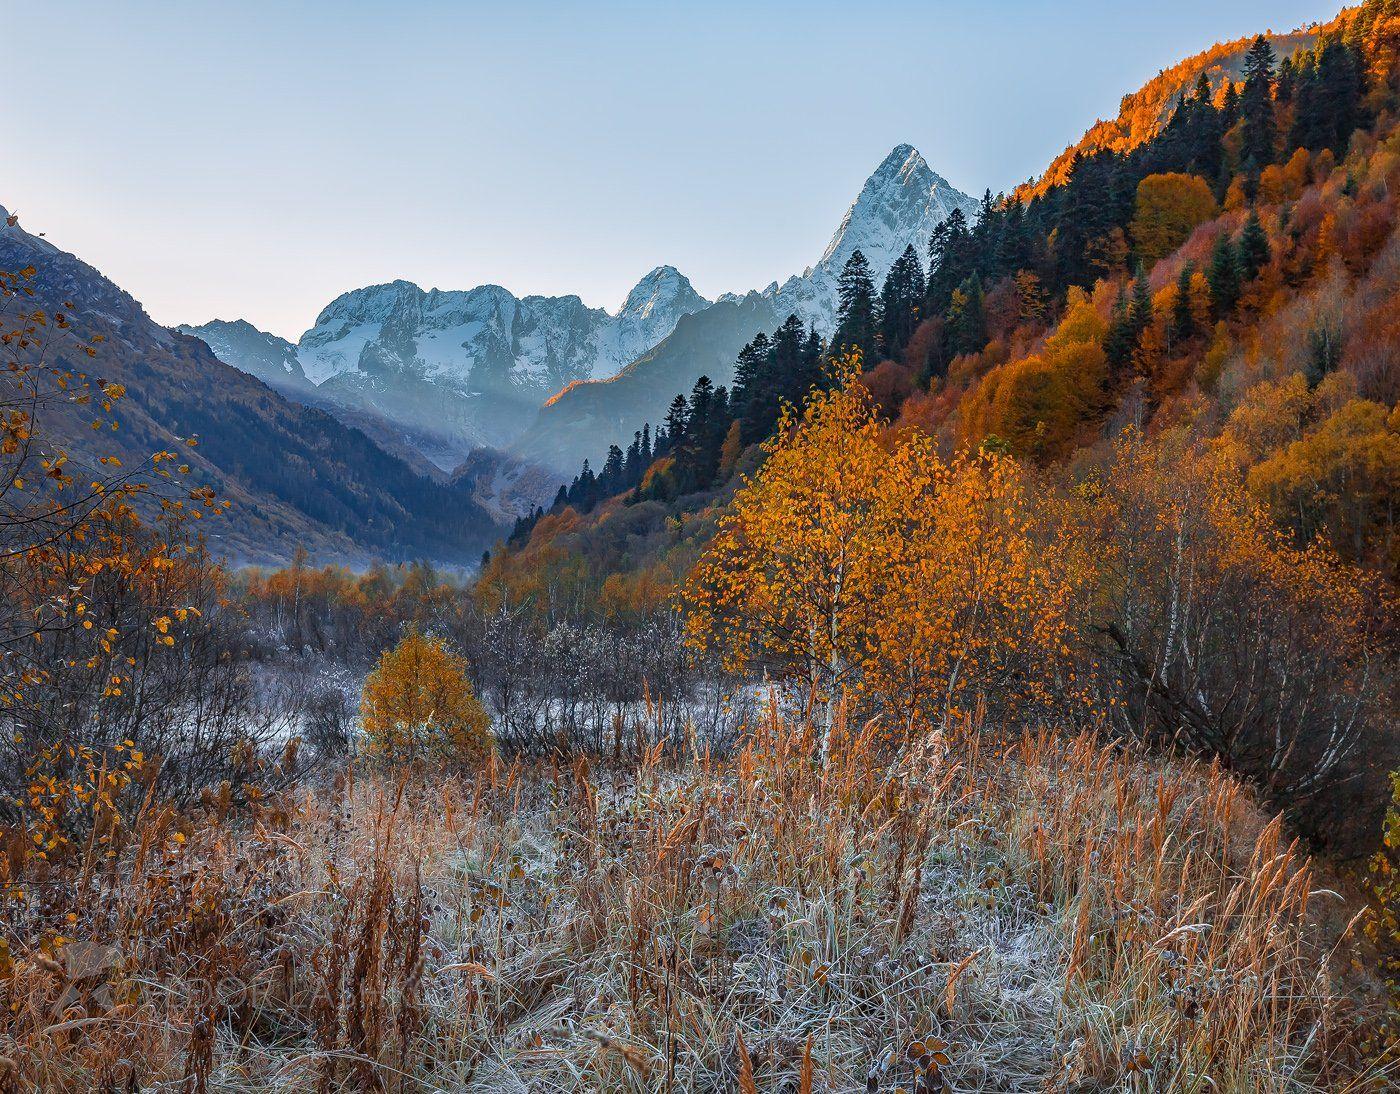 горы, гора, домбай, иней, рассвет, осень, берёза, гоначхирском ущелье, тебердинский государственный природный биосферный заповедник. кавказ, хребет, вершина, трава,, Лашков Фёдор